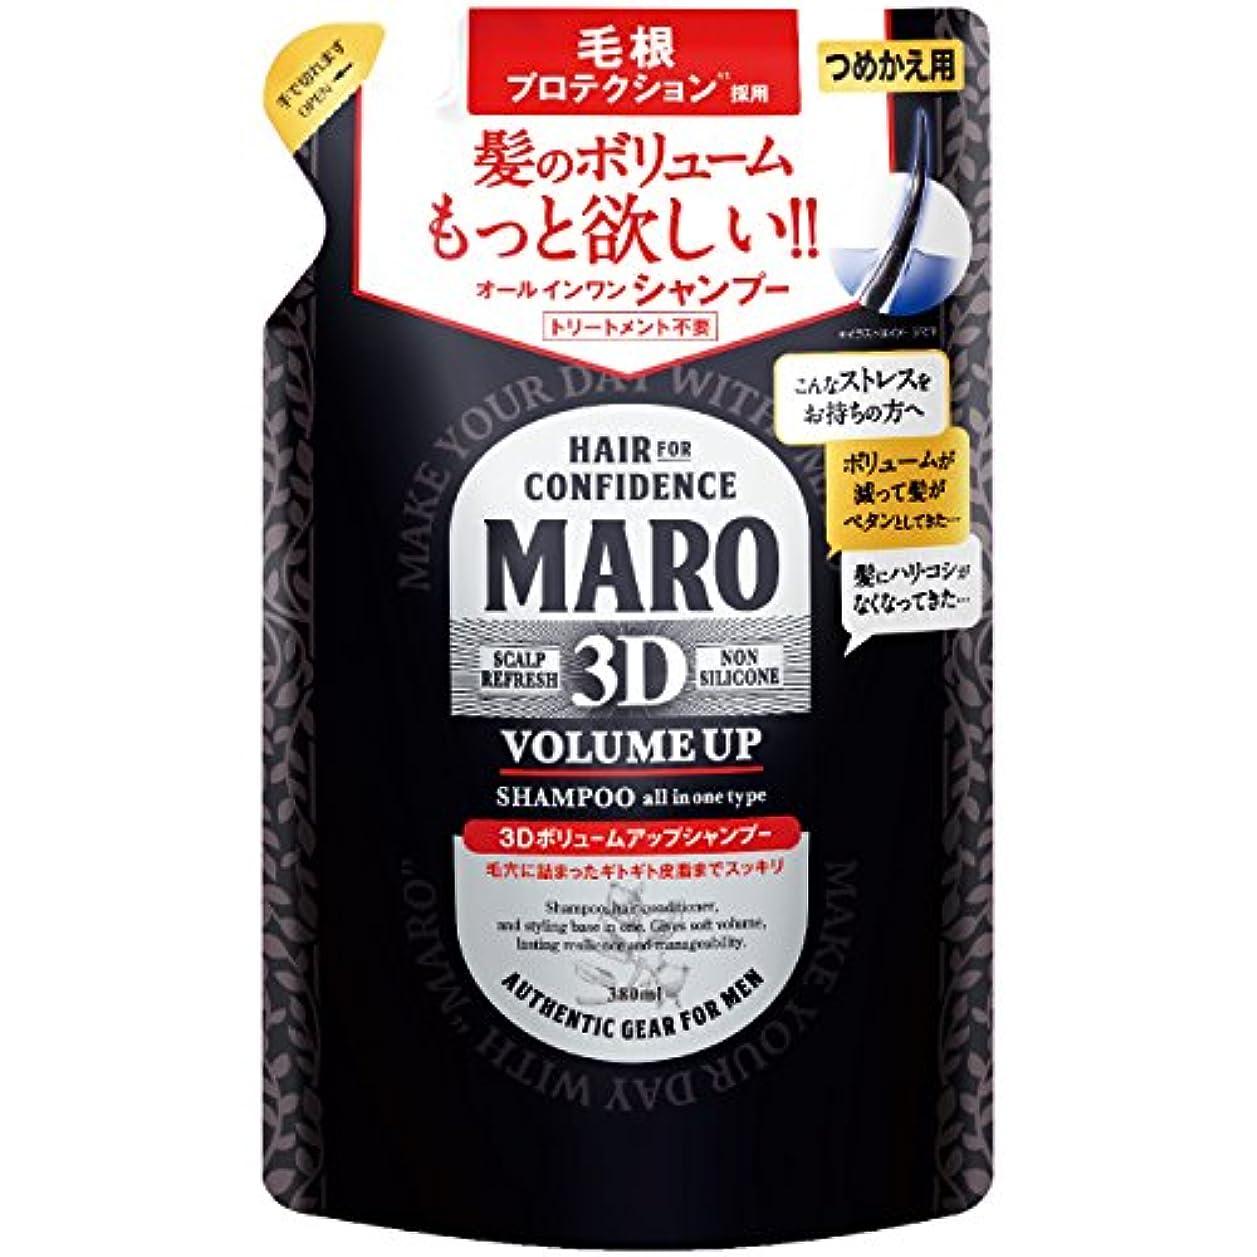 基準パターンに話すMARO 3Dボリュームアップ シャンプー EX 詰め替え 380ml